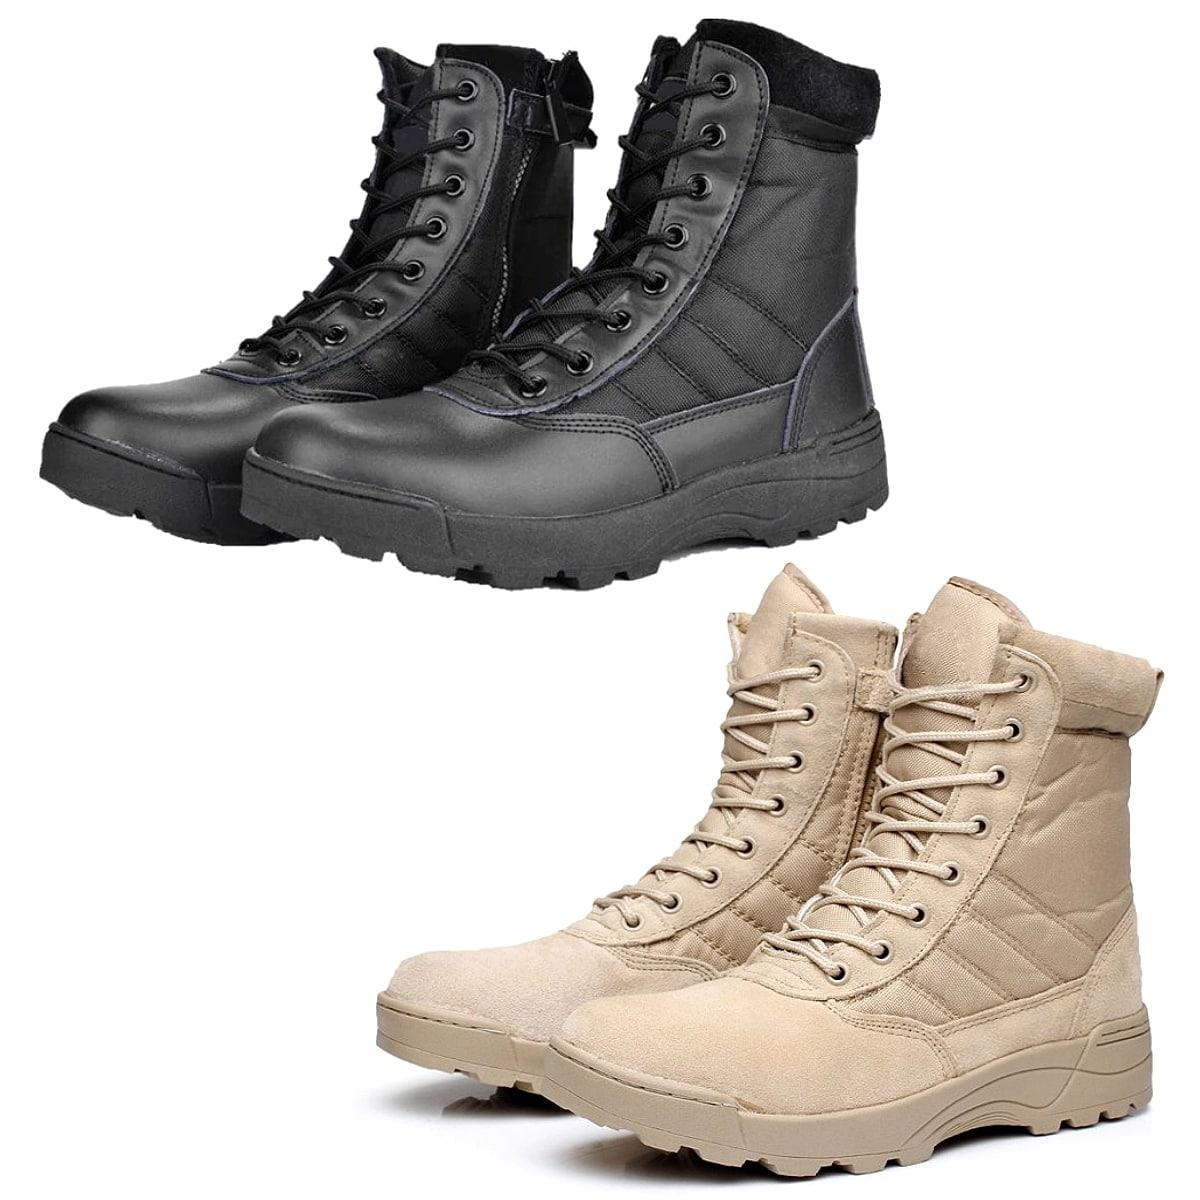 【送料無料!】全2色! [Men's Military Leather Combat Tactical Boots] メンズ ミリタリーレザー コンバットタクティカルブーツ! 靴 シューズ スニーカー マウンテンブーツ ミドルブーツ レースアップ 1000Dナイロン 防水 本革 牛革スエード アウトドア サバゲー バイクに!